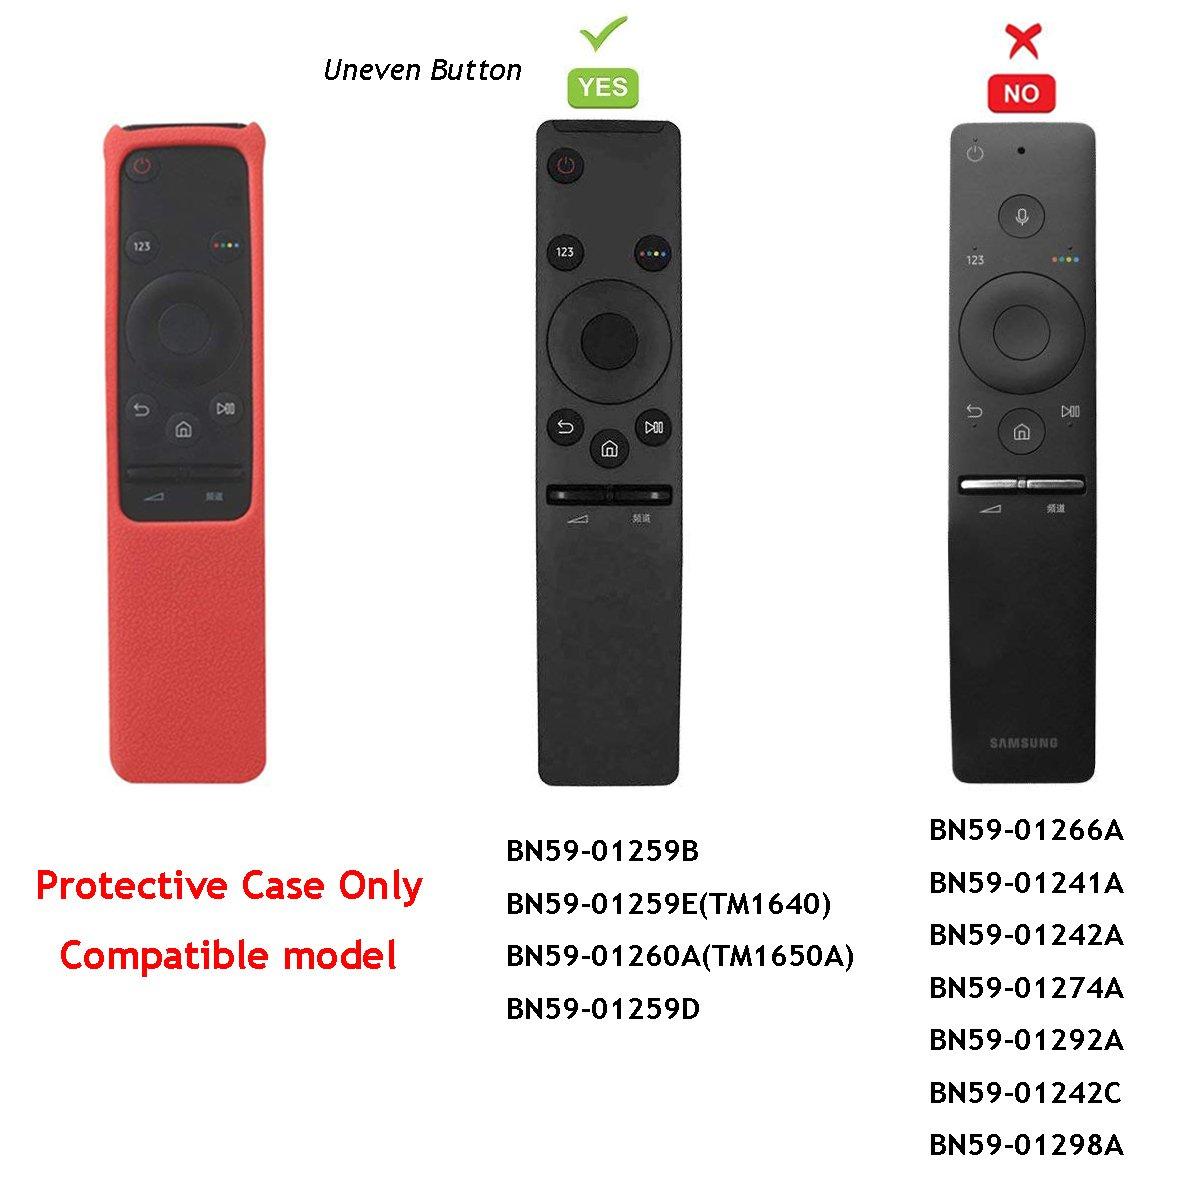 Voice Luminoso Blu SIKAI Telaio del telecomando BN59-01266A BN59-01274A della TV copertura protettiva anticaduta della cassa del silicone per Samsung Smart TV Remote Controller